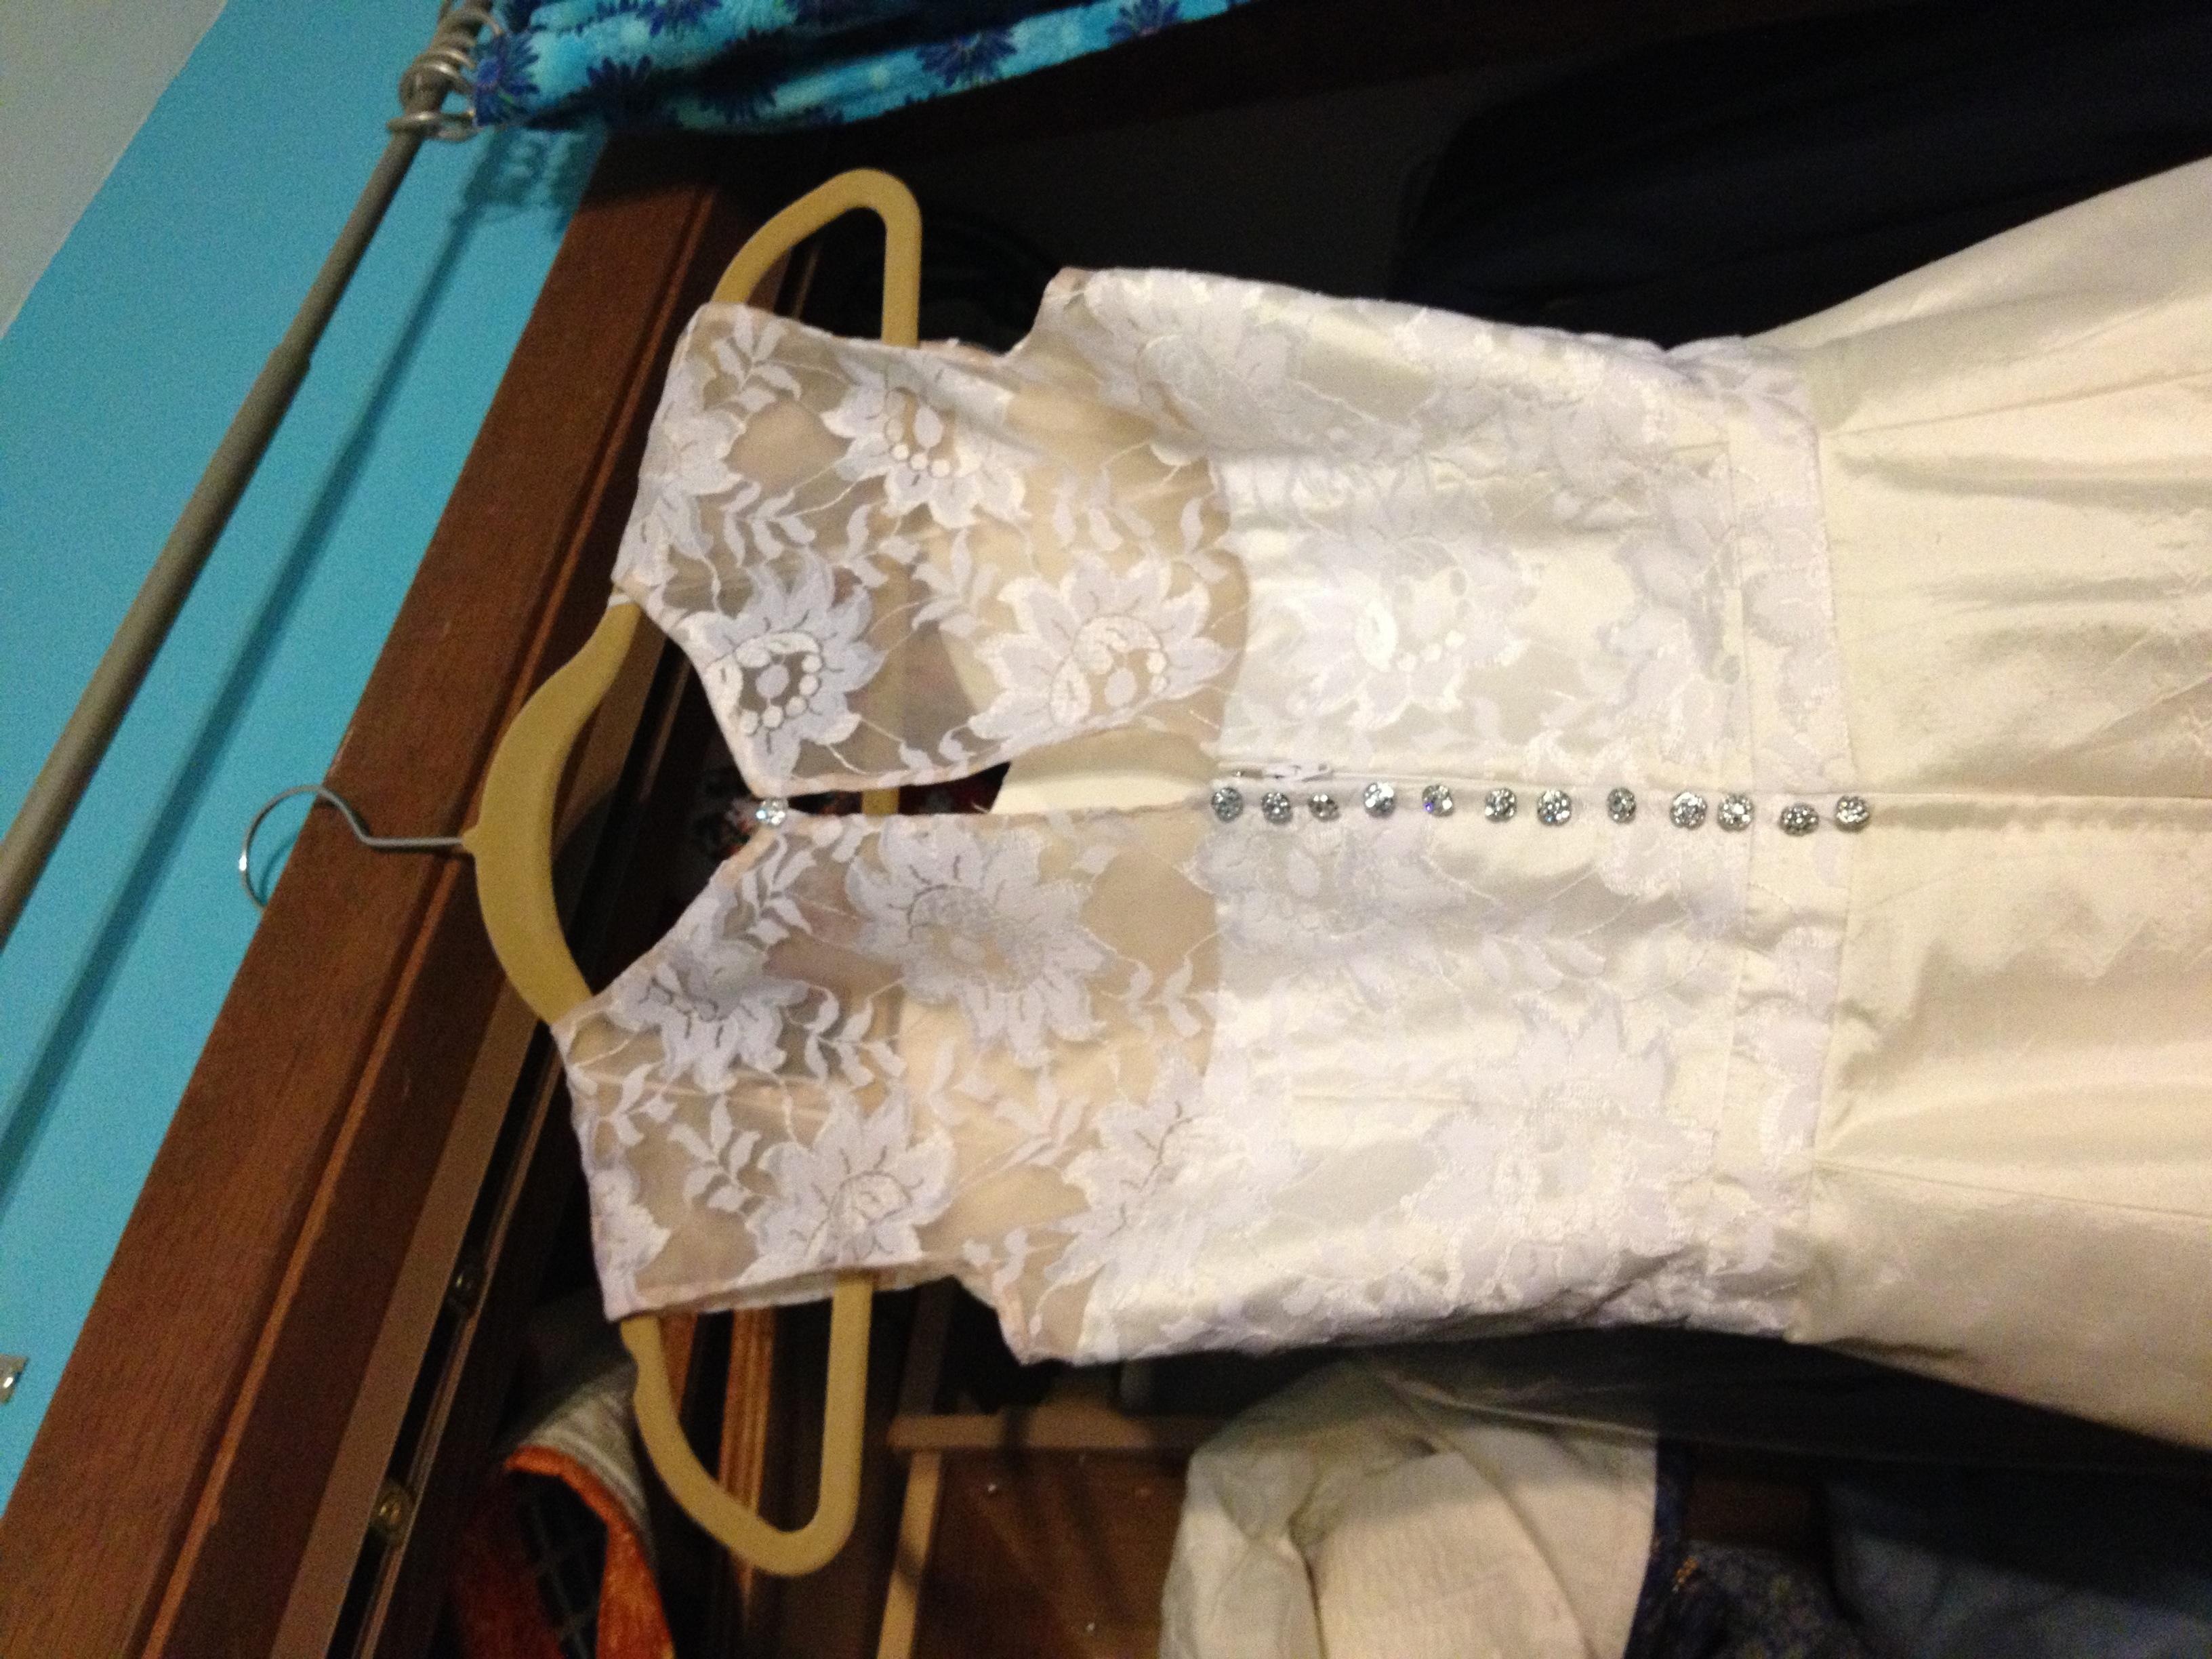 Back w/ hangers